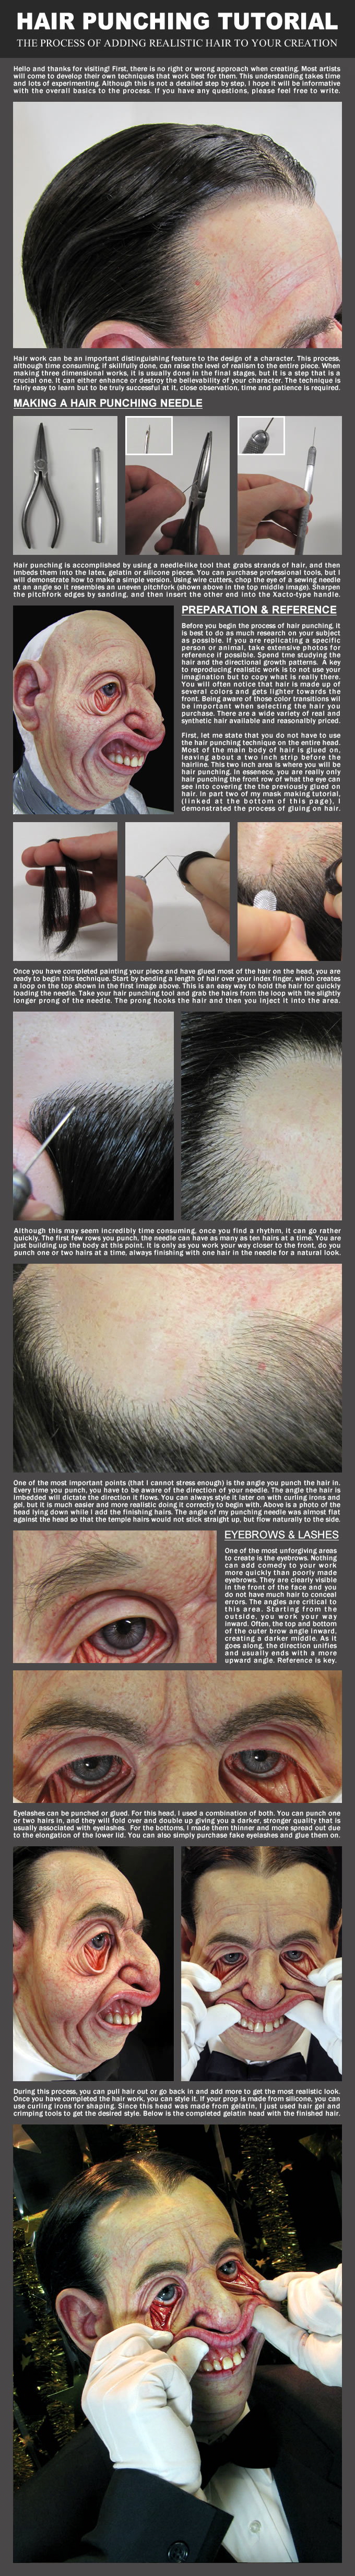 Hair Punching tutorial